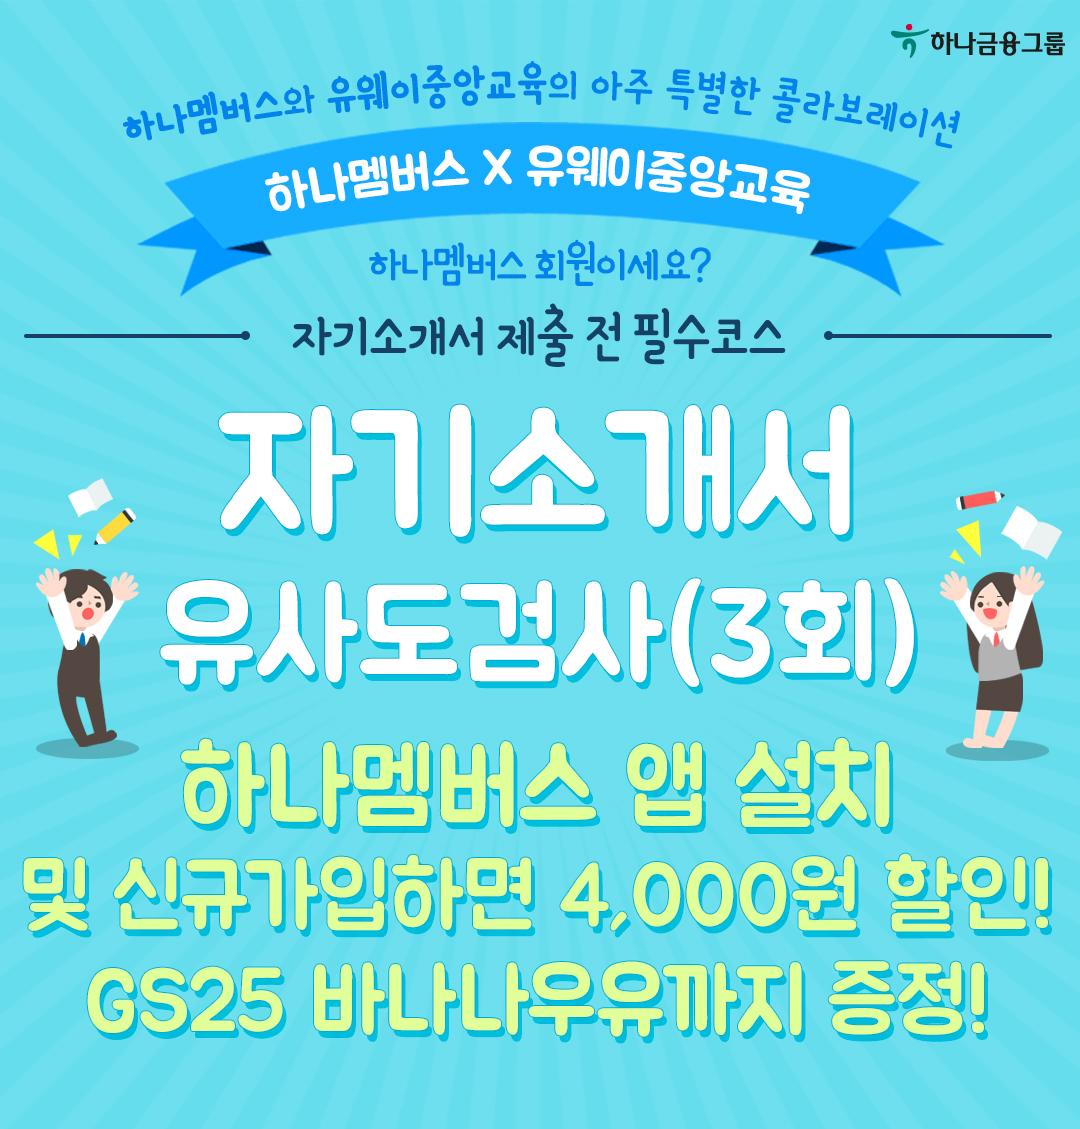 자기소개서 유사도검사하나멤버스 가입만 하면 무료!